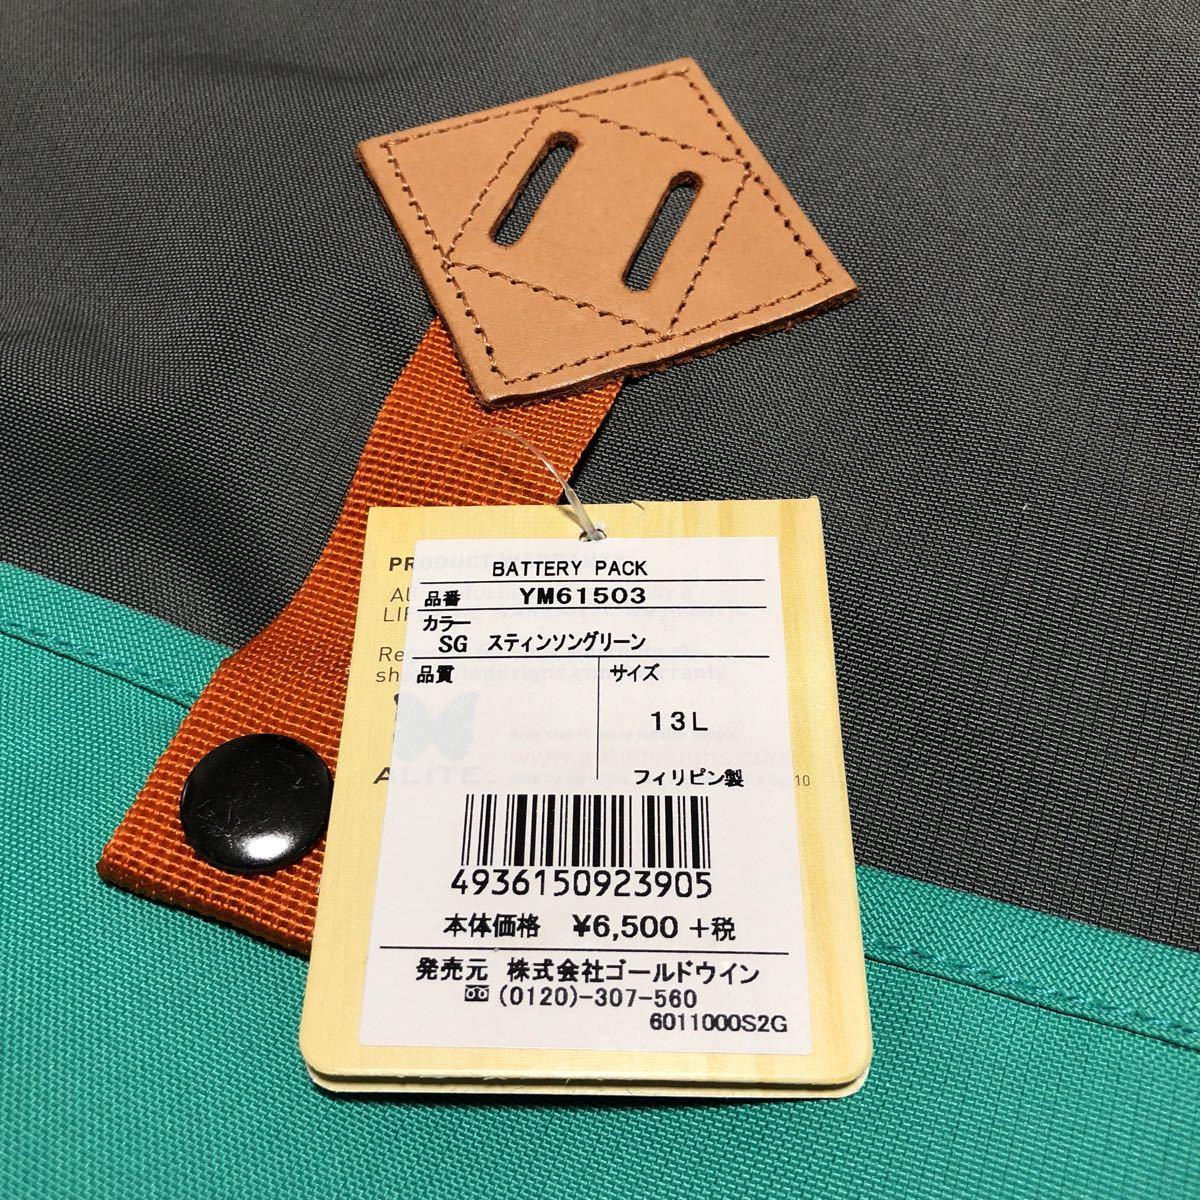 ALITE エーライト 新品 定価7020円 リュック ザック バッグ ノースフェイス店購入 登山 フェス アウトドア キャンプ_画像4